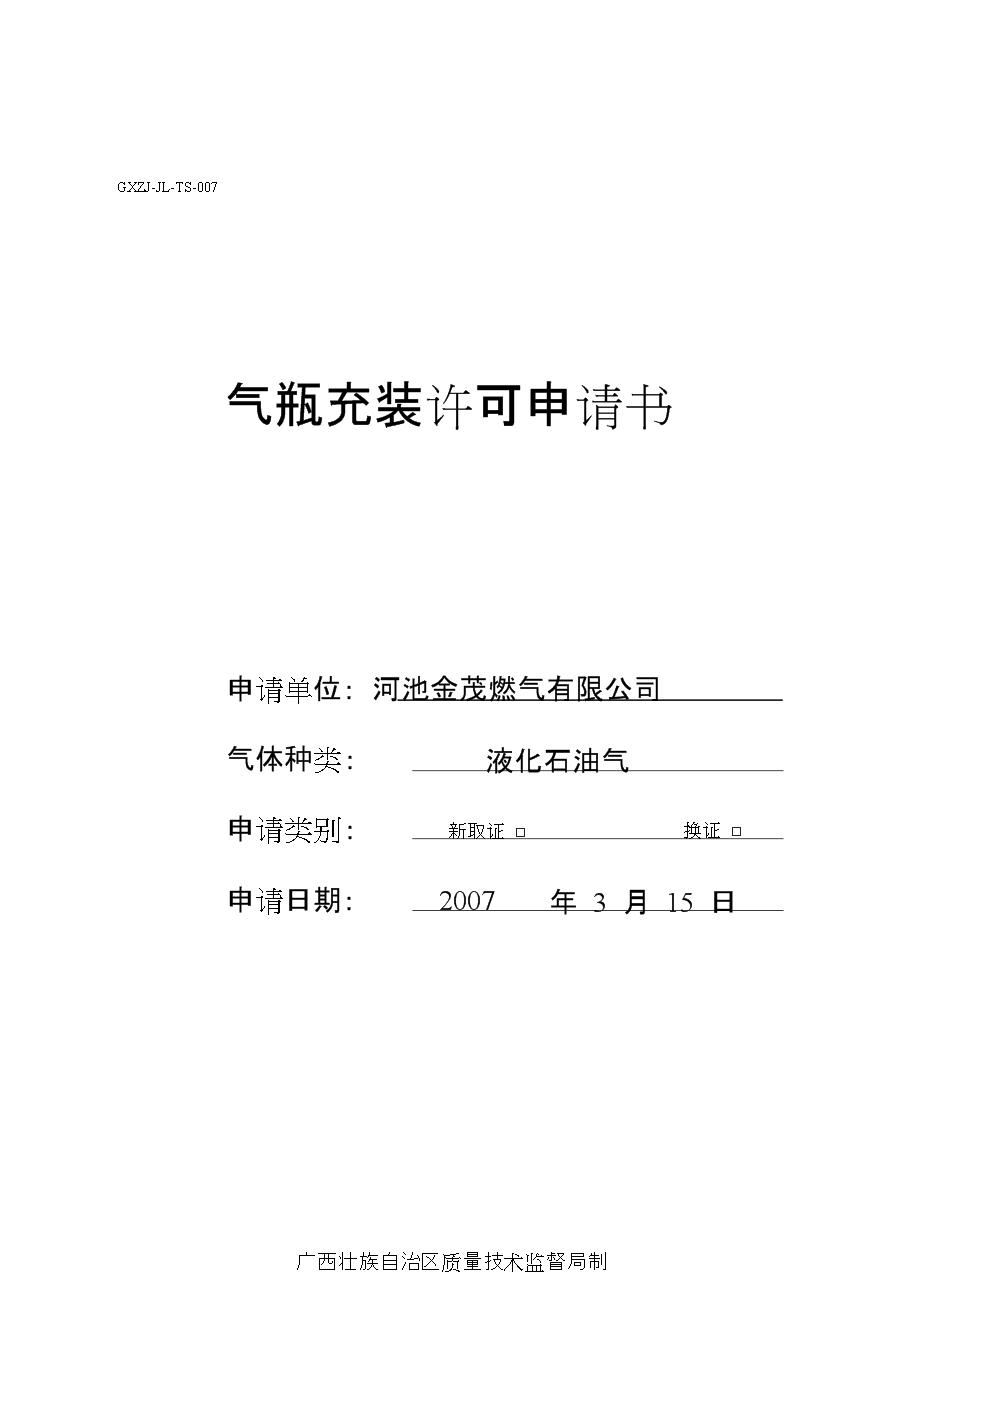 充装证申请书.docx